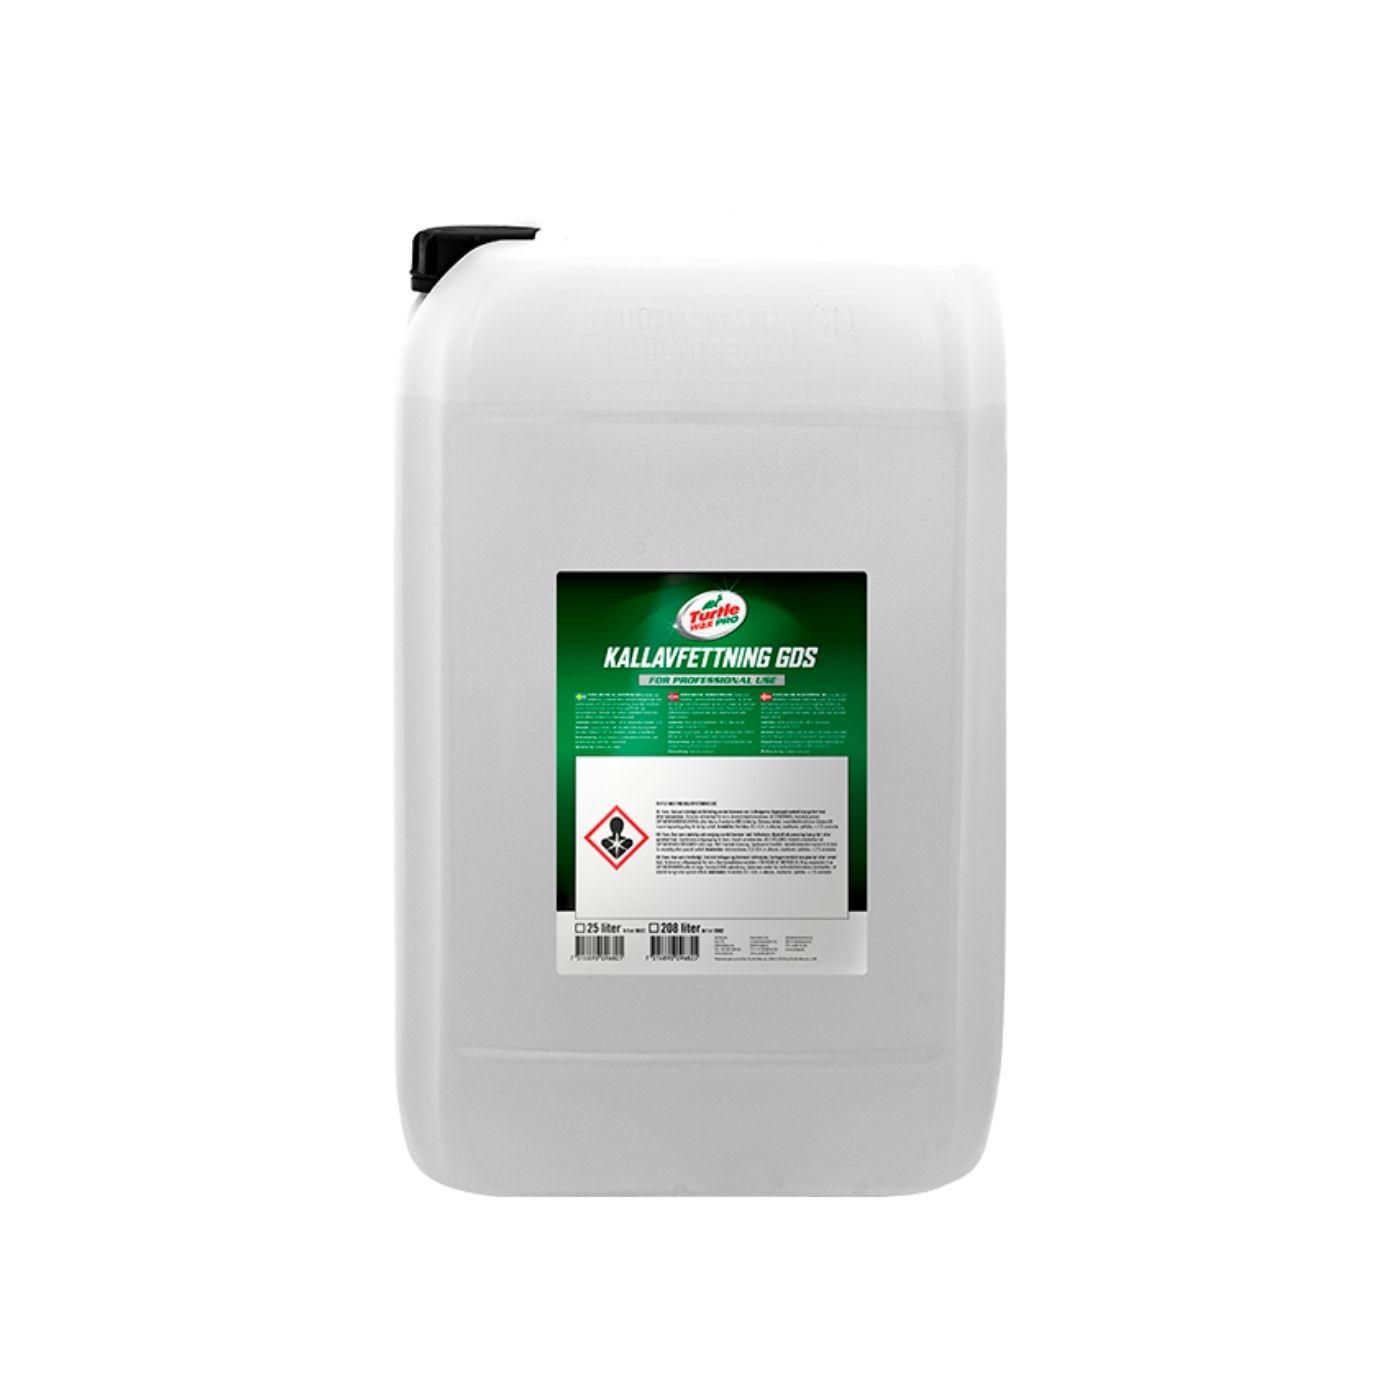 Asfaltslösare Turtle Wax Pro Kallavfettning GDS, 25000 ml